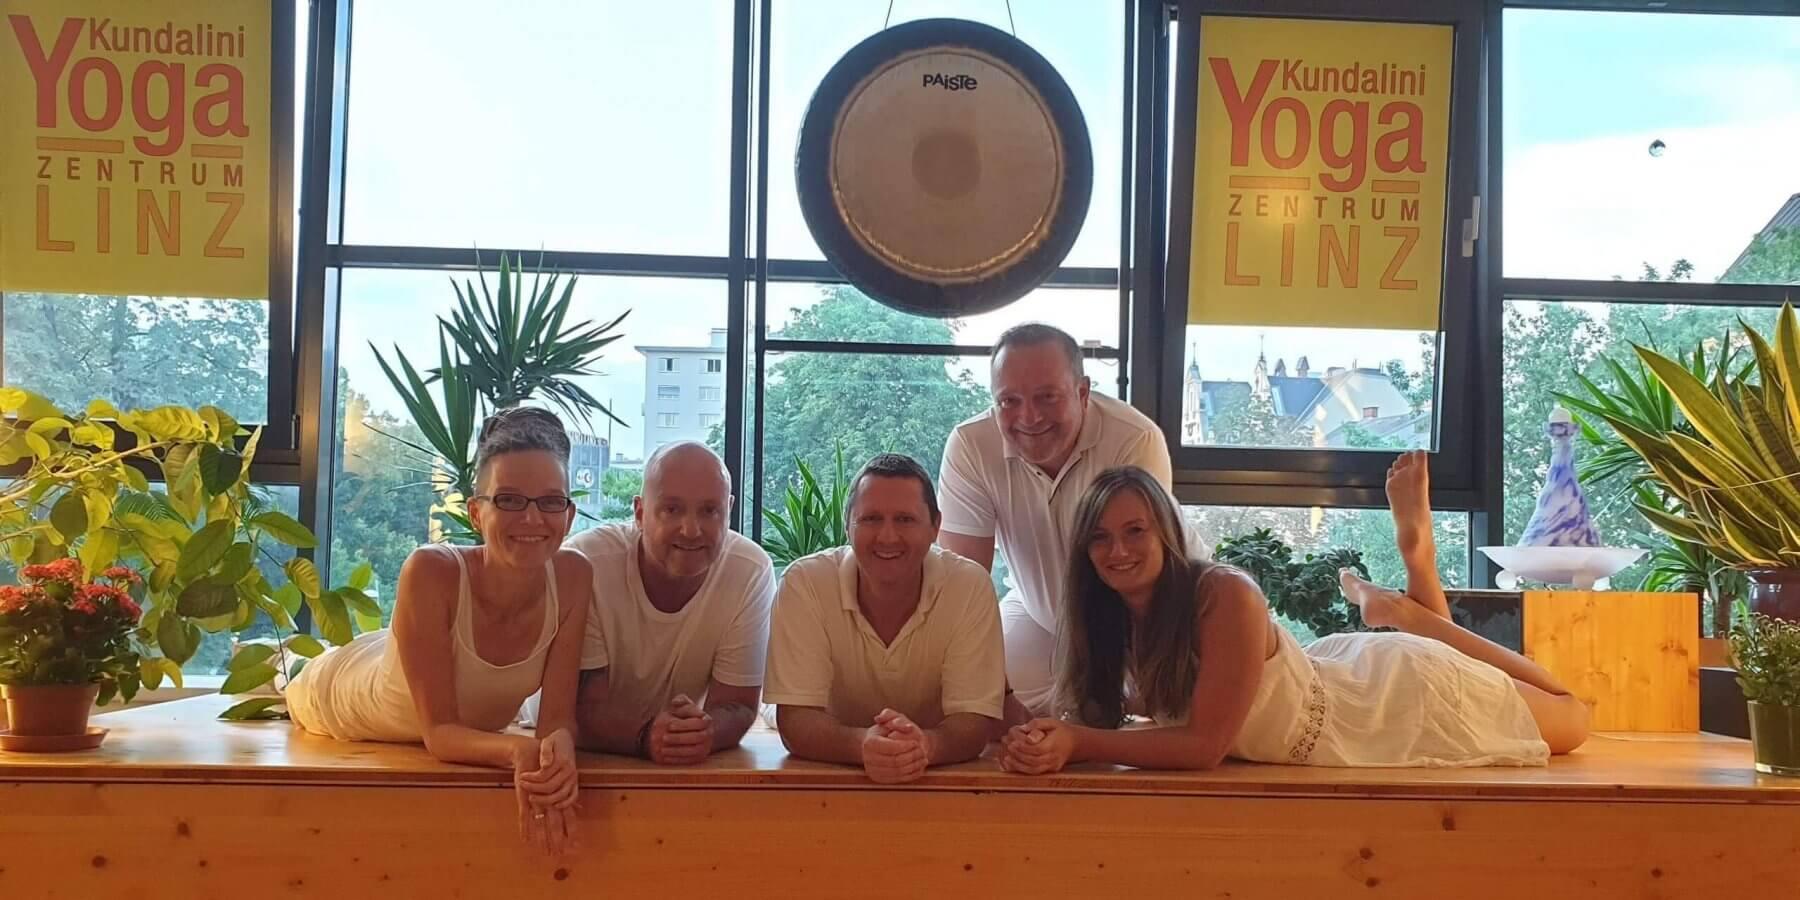 Kundalini Yoga Lehrer Team 4